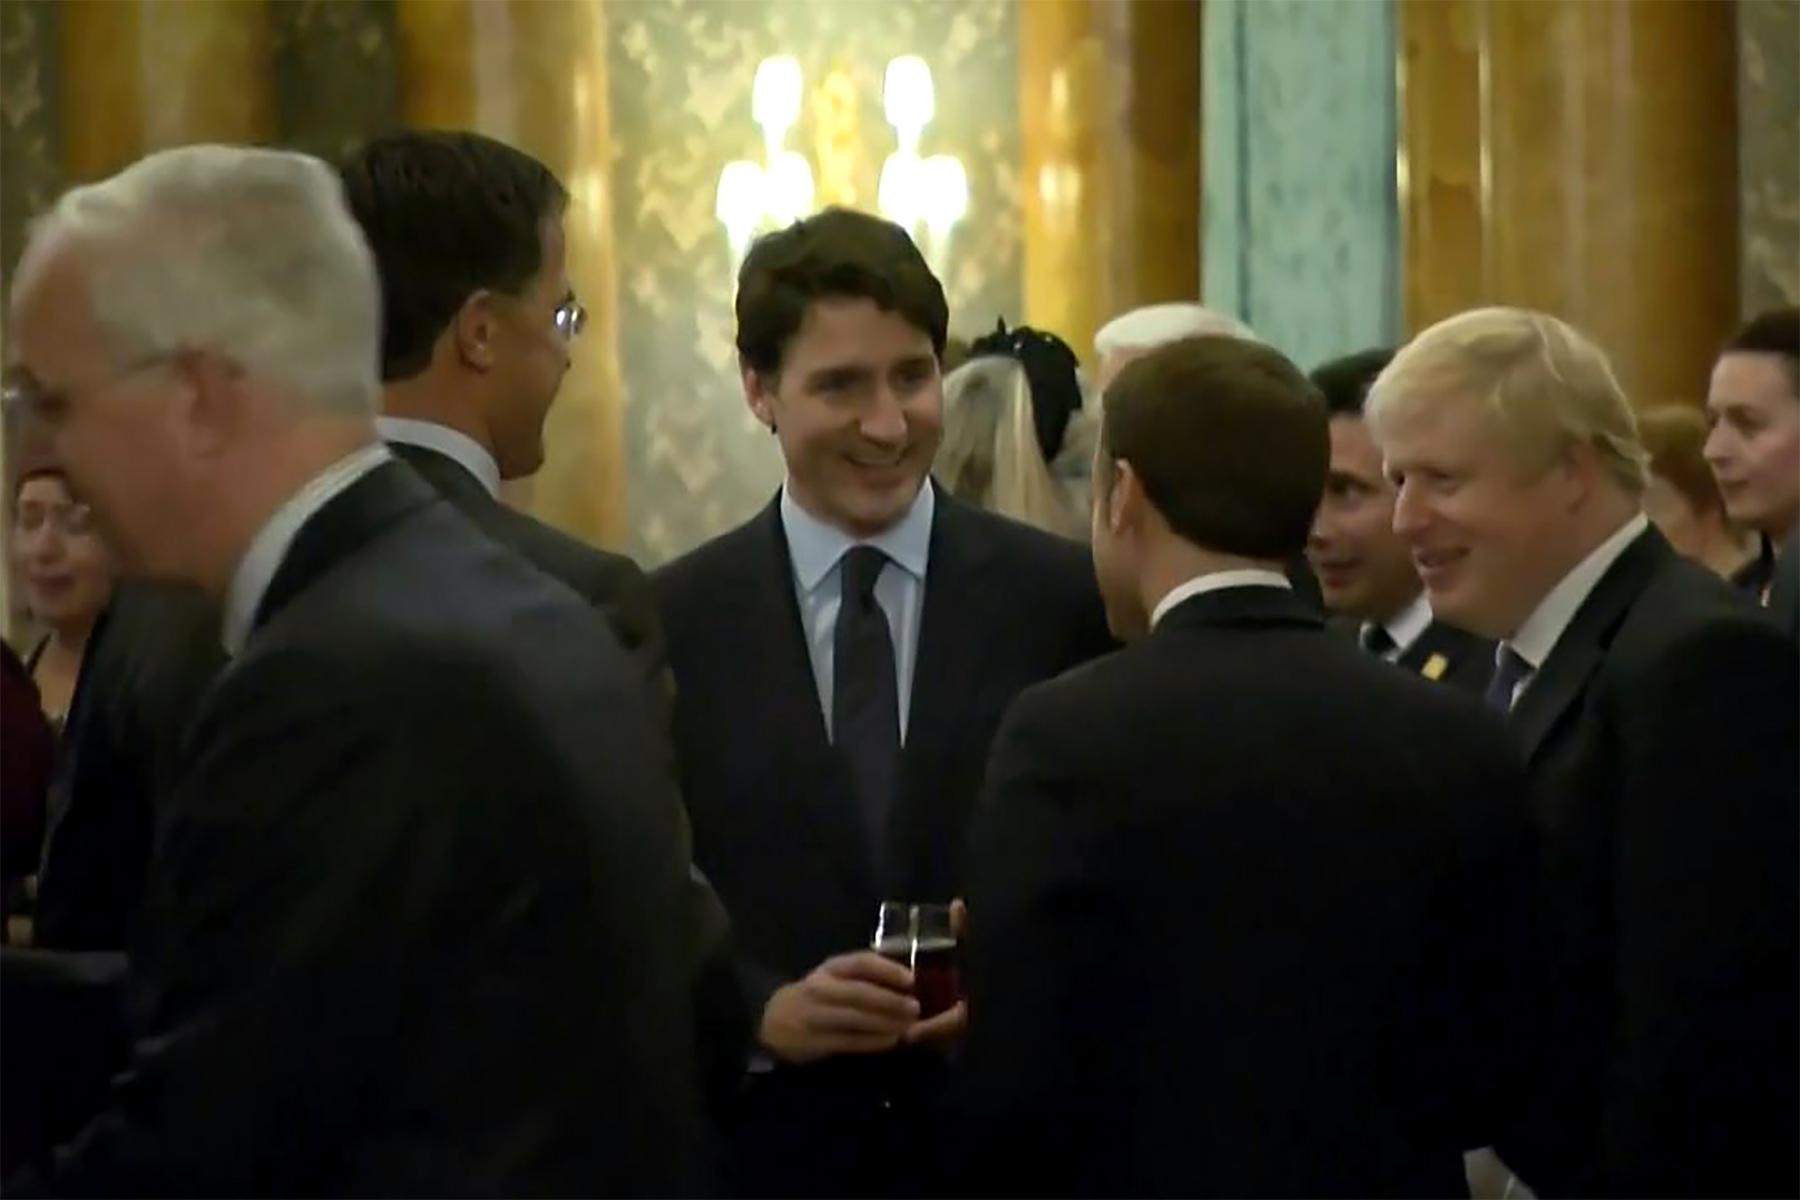 Justin Trudeau mocks Donald Trump at London NATO summit